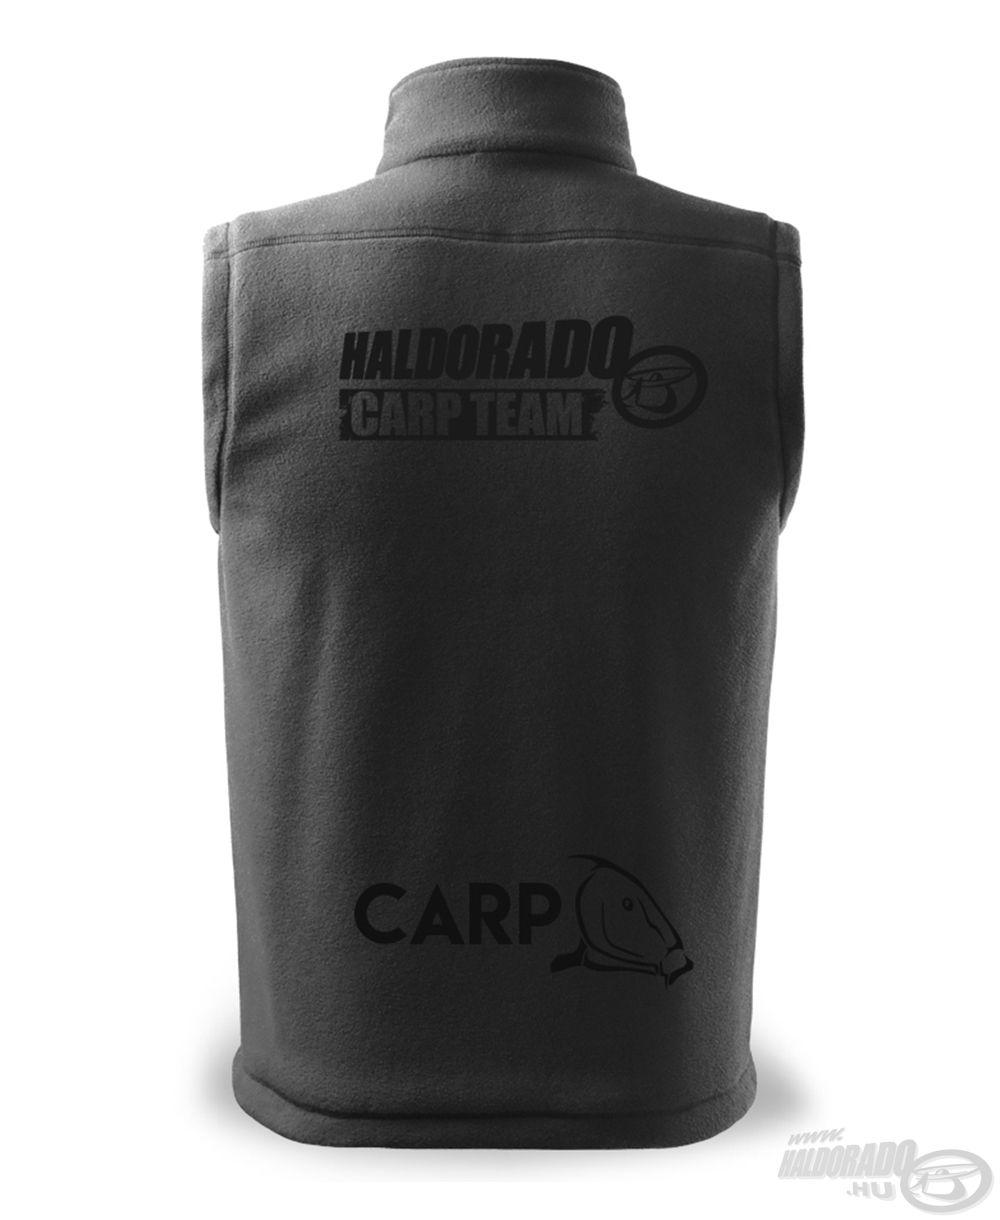 100% poliészter anyagának köszönhetően garantált a kellemes, puha viselet